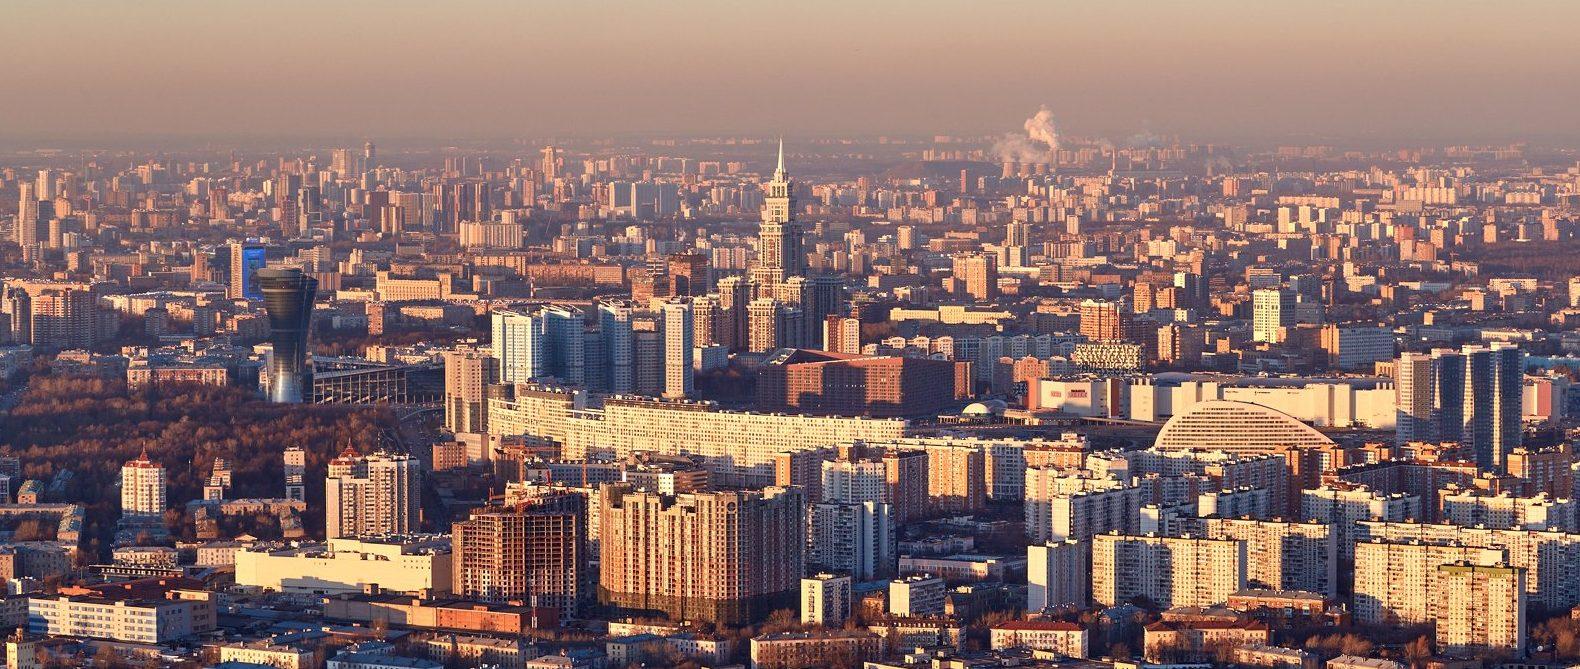 Сотрудники «Жилищника» установили ящики дляпротивогололедныхматериалов в районе Арбат. Фото: сайт мэра Москвы